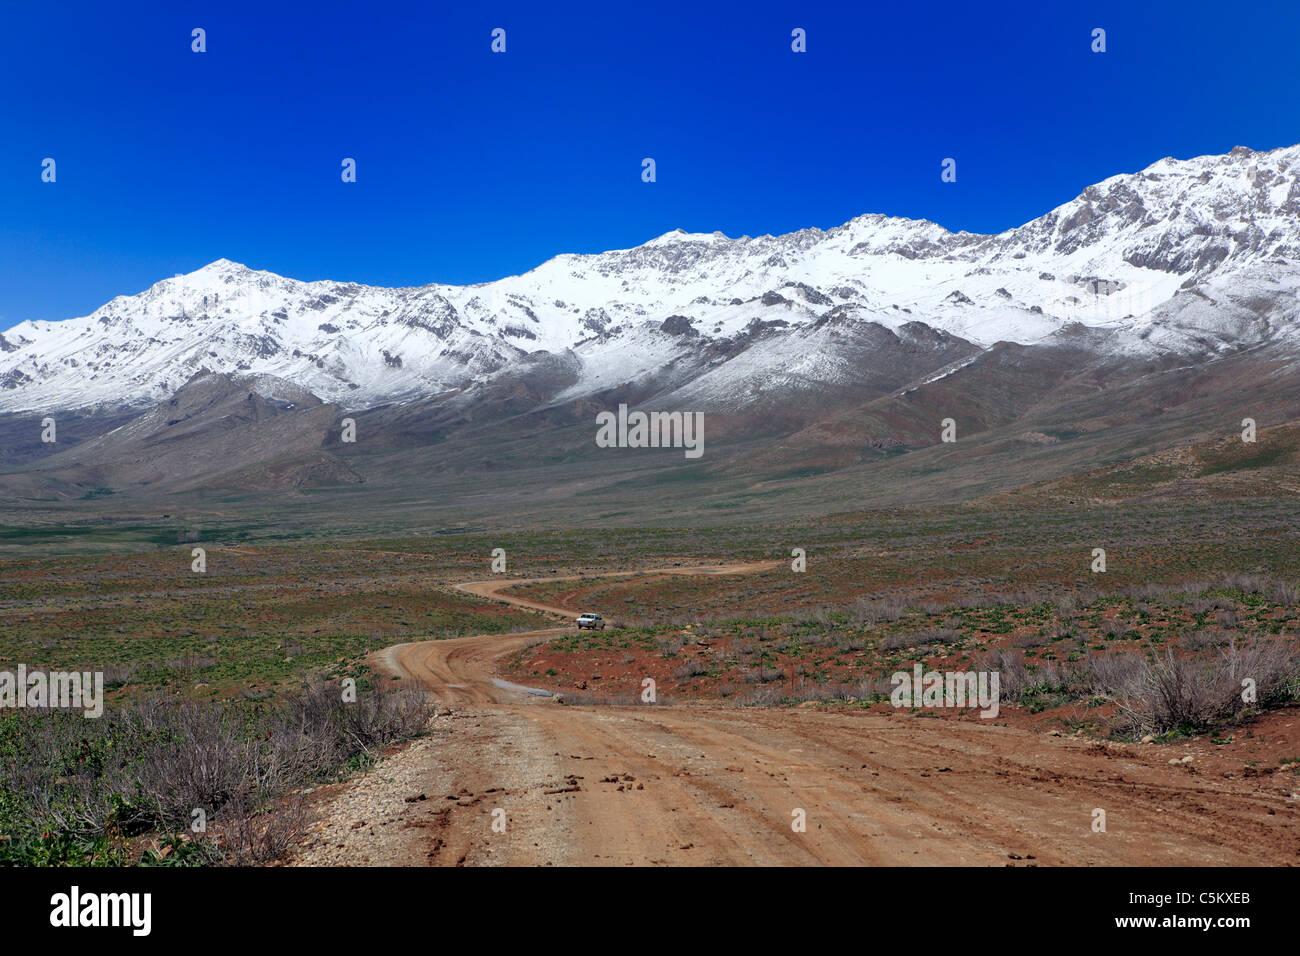 Tulip Valley (Lale Dasht-e), los montes Zagros, provincia Chahar-Mahal y Bakhtyaria, Irán Foto de stock